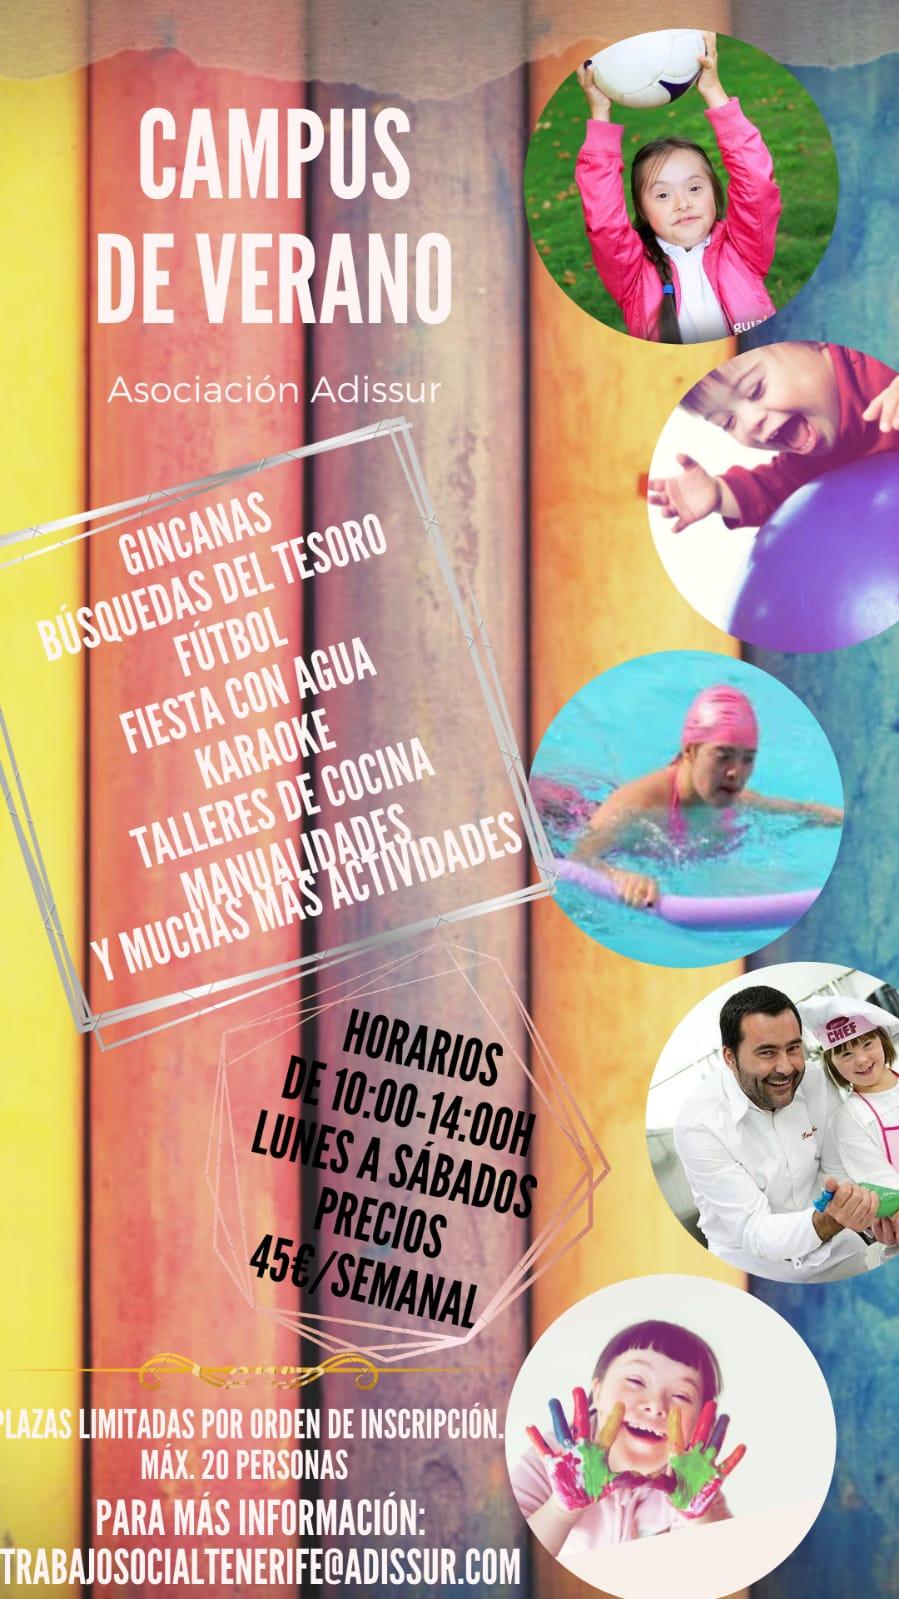 Campus de verano 2020 - Adissur Tenerife